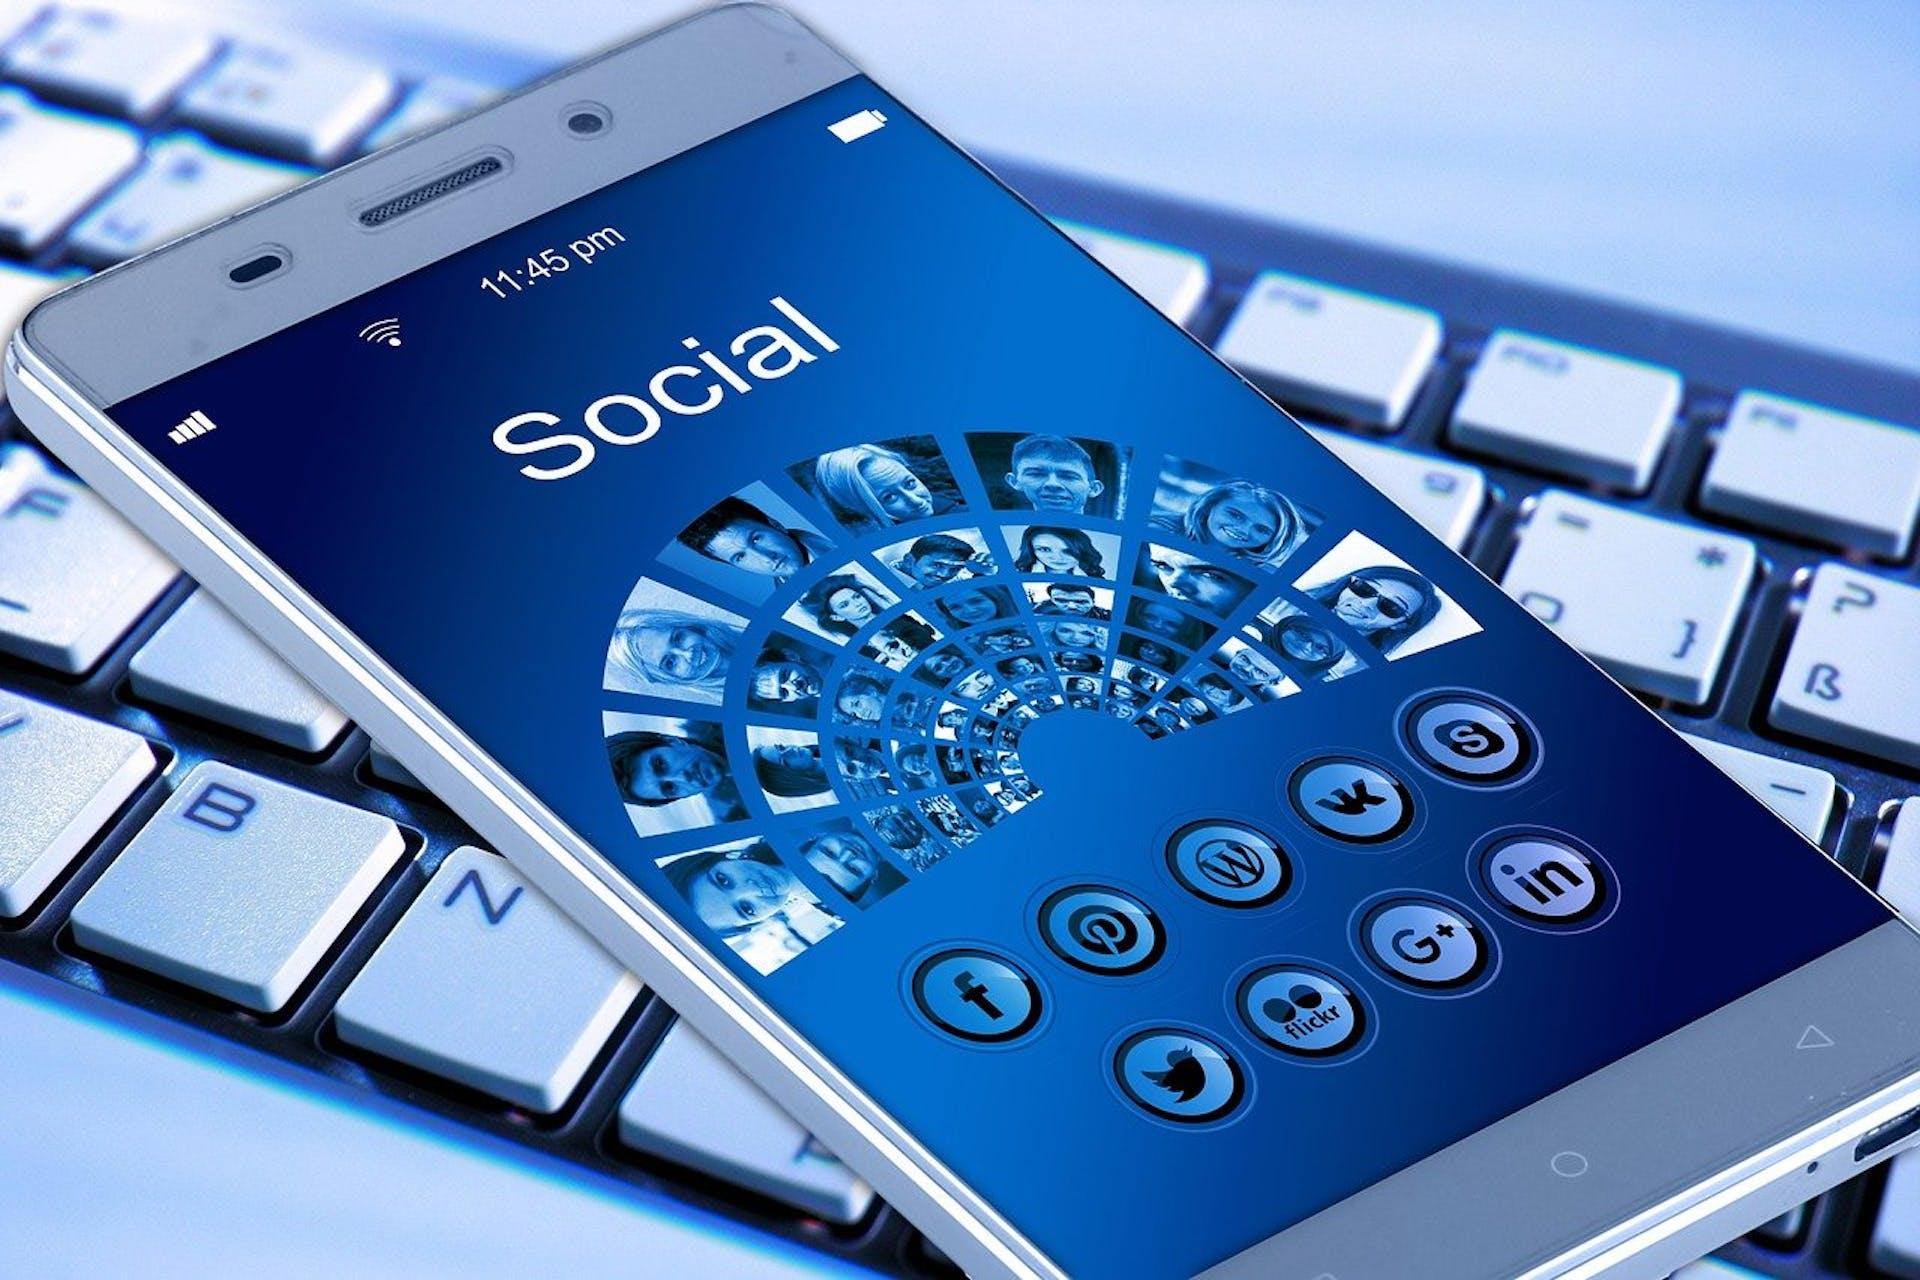 Campañas digitales: ¿Cúal es la mejor para hacer crecer tu negocio online?